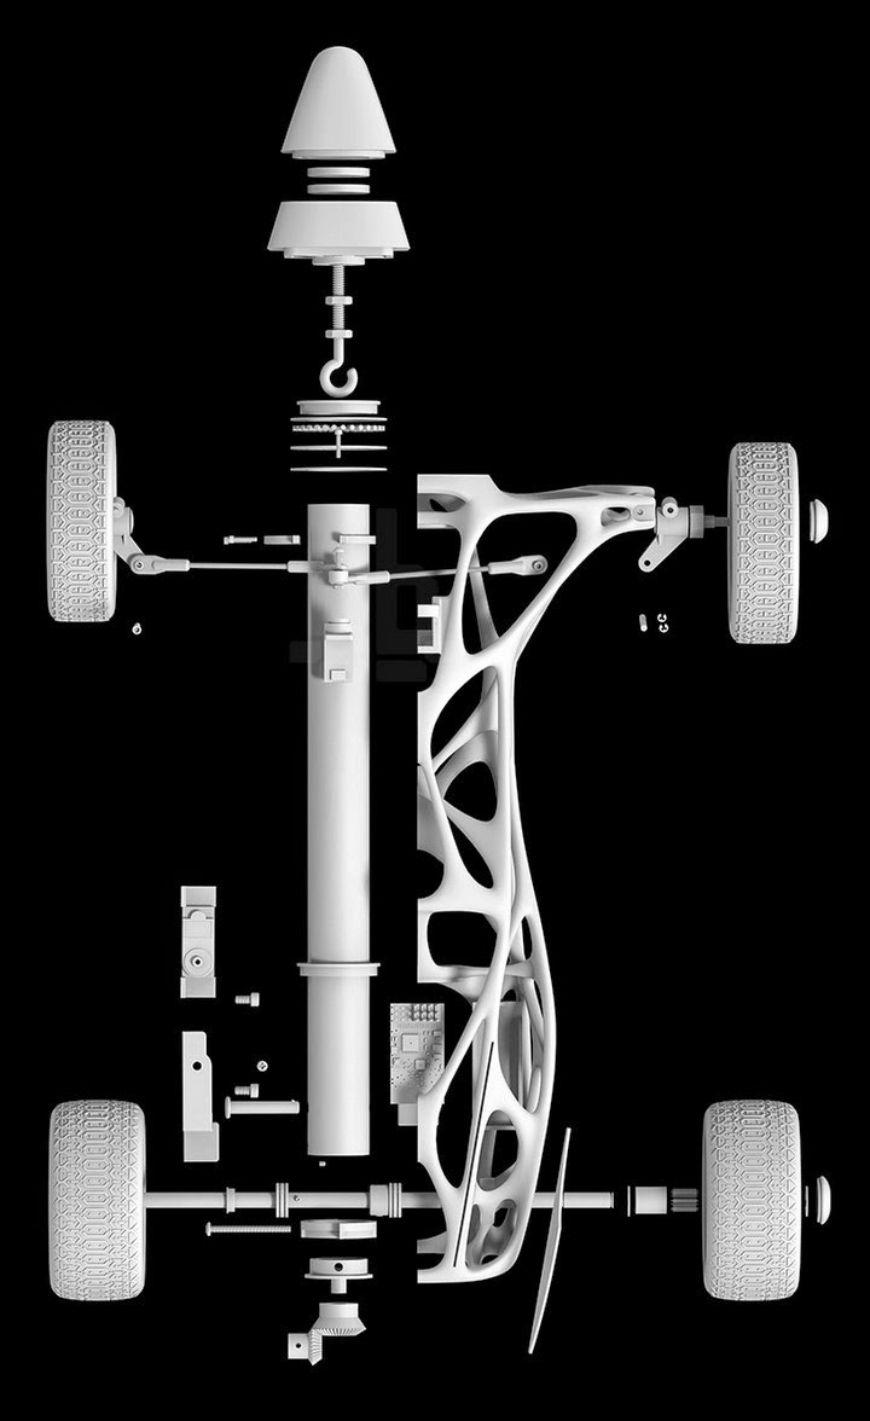 Rubberband-Powered-Cirin-RC-Car4